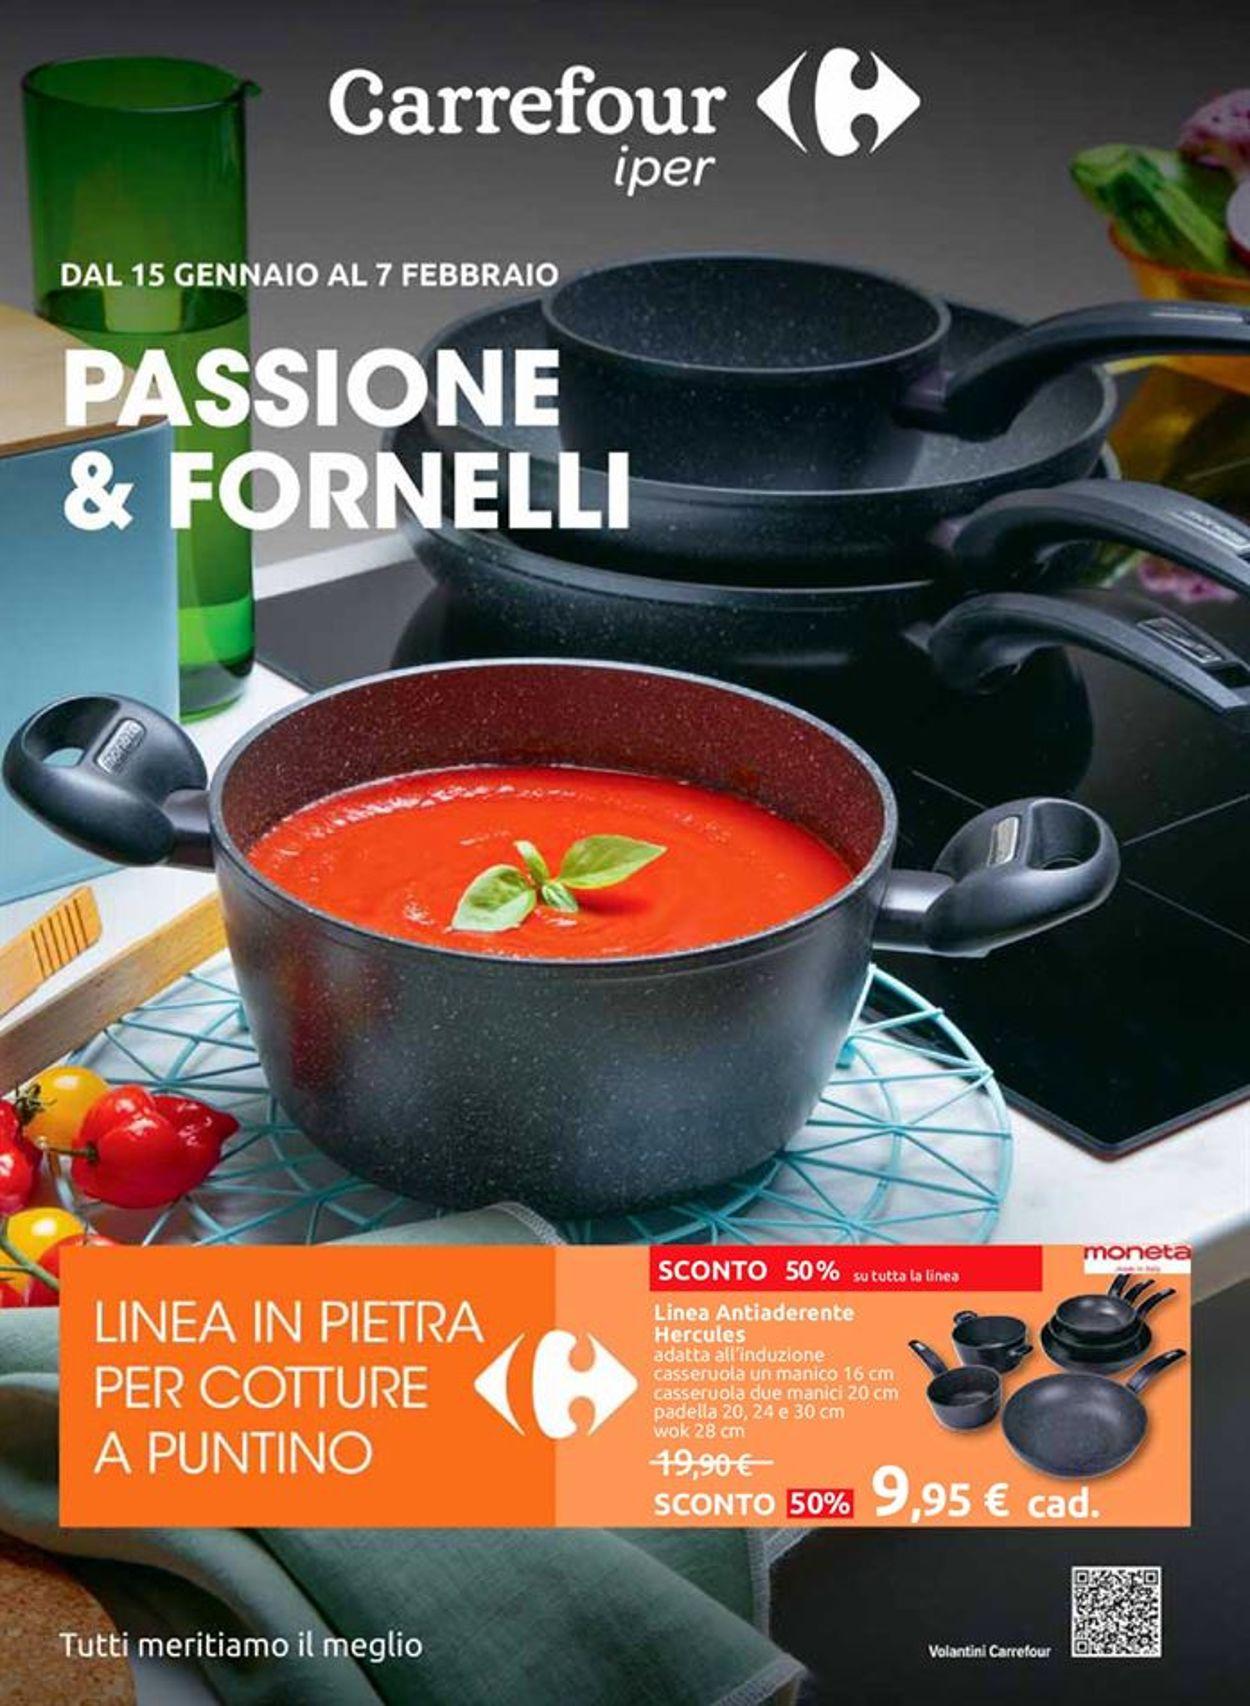 Volantino Carrefour Iper - Offerte 15/01-07/02/2021